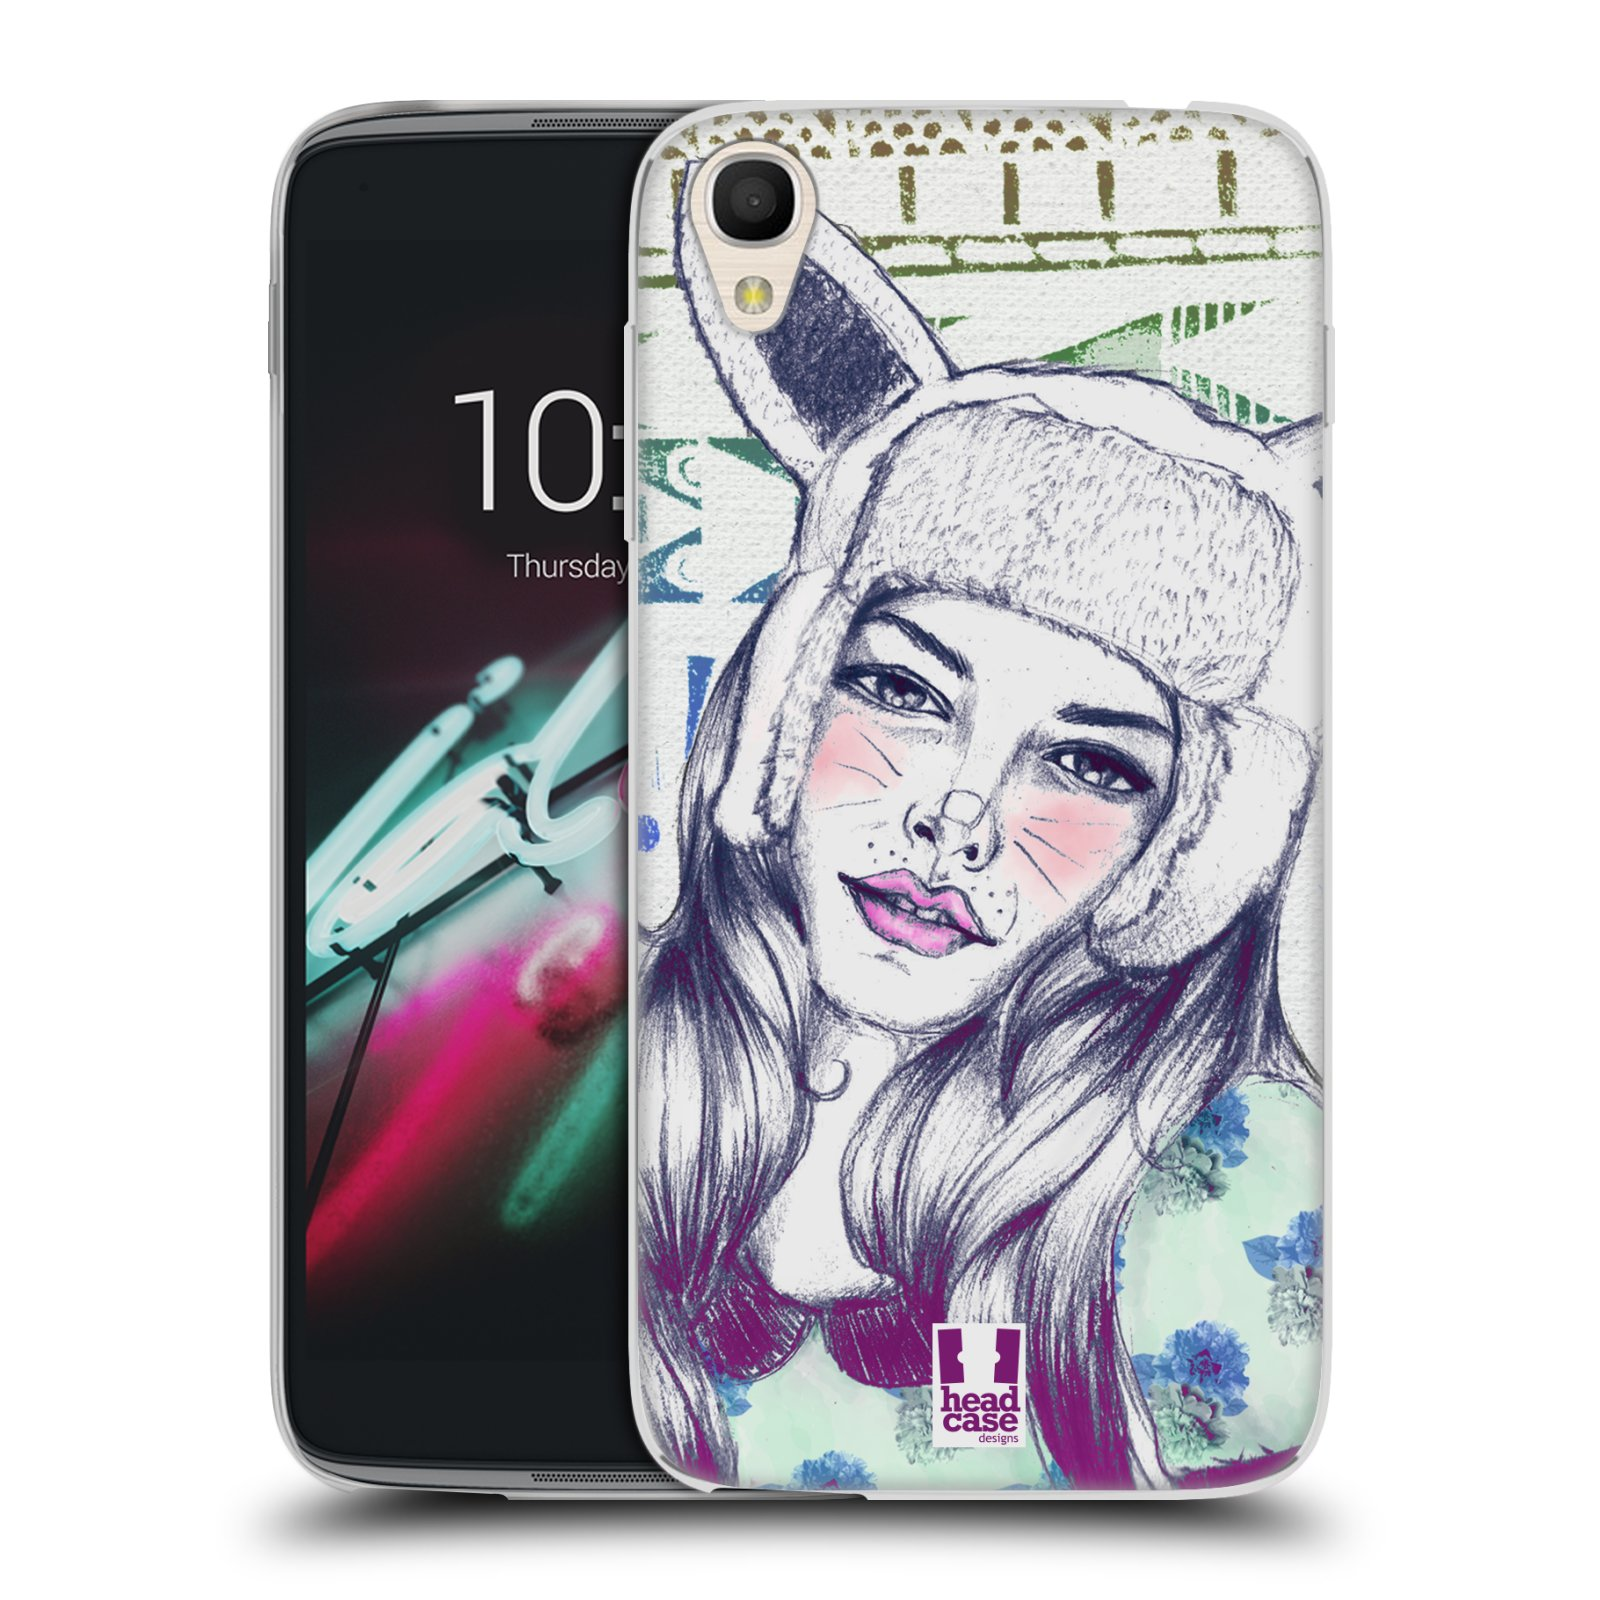 HEAD CASE silikonový obal na mobil Alcatel Idol 3 OT-6039Y (4.7) vzor Děvče zvířecí tématika zajíček čepka